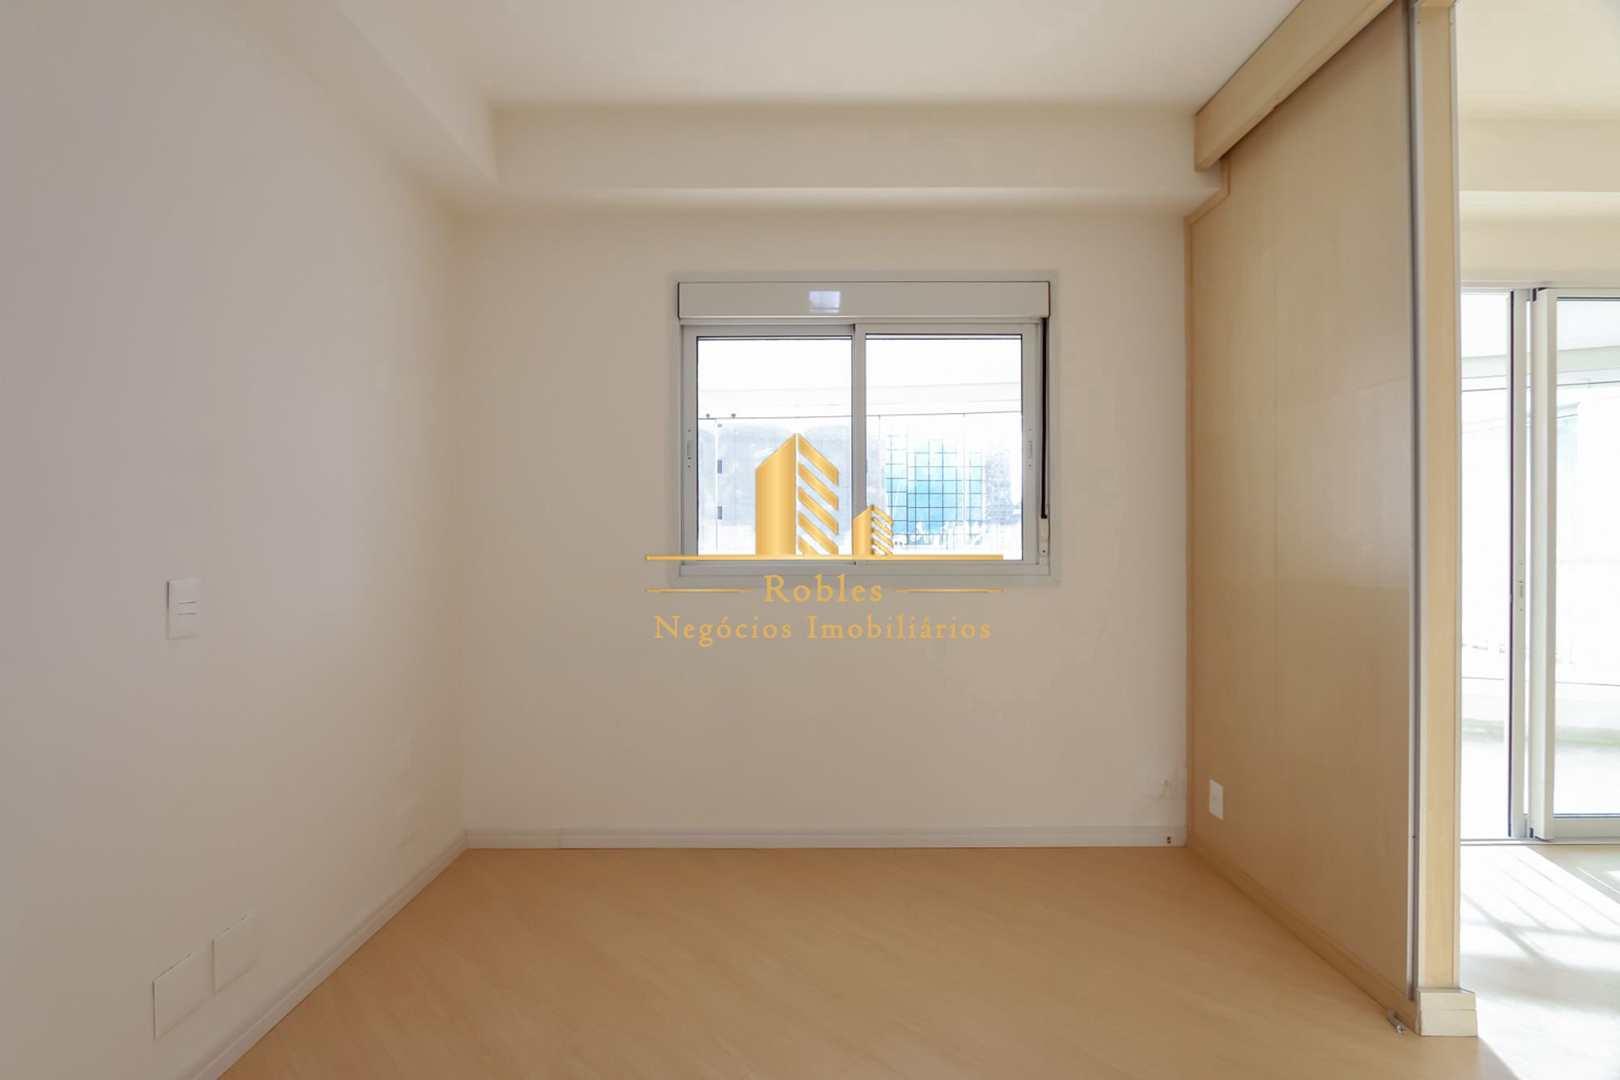 Studio com 1 dorm, Cidade Monções, São Paulo - R$ 1.01 mi, Cod: 2044